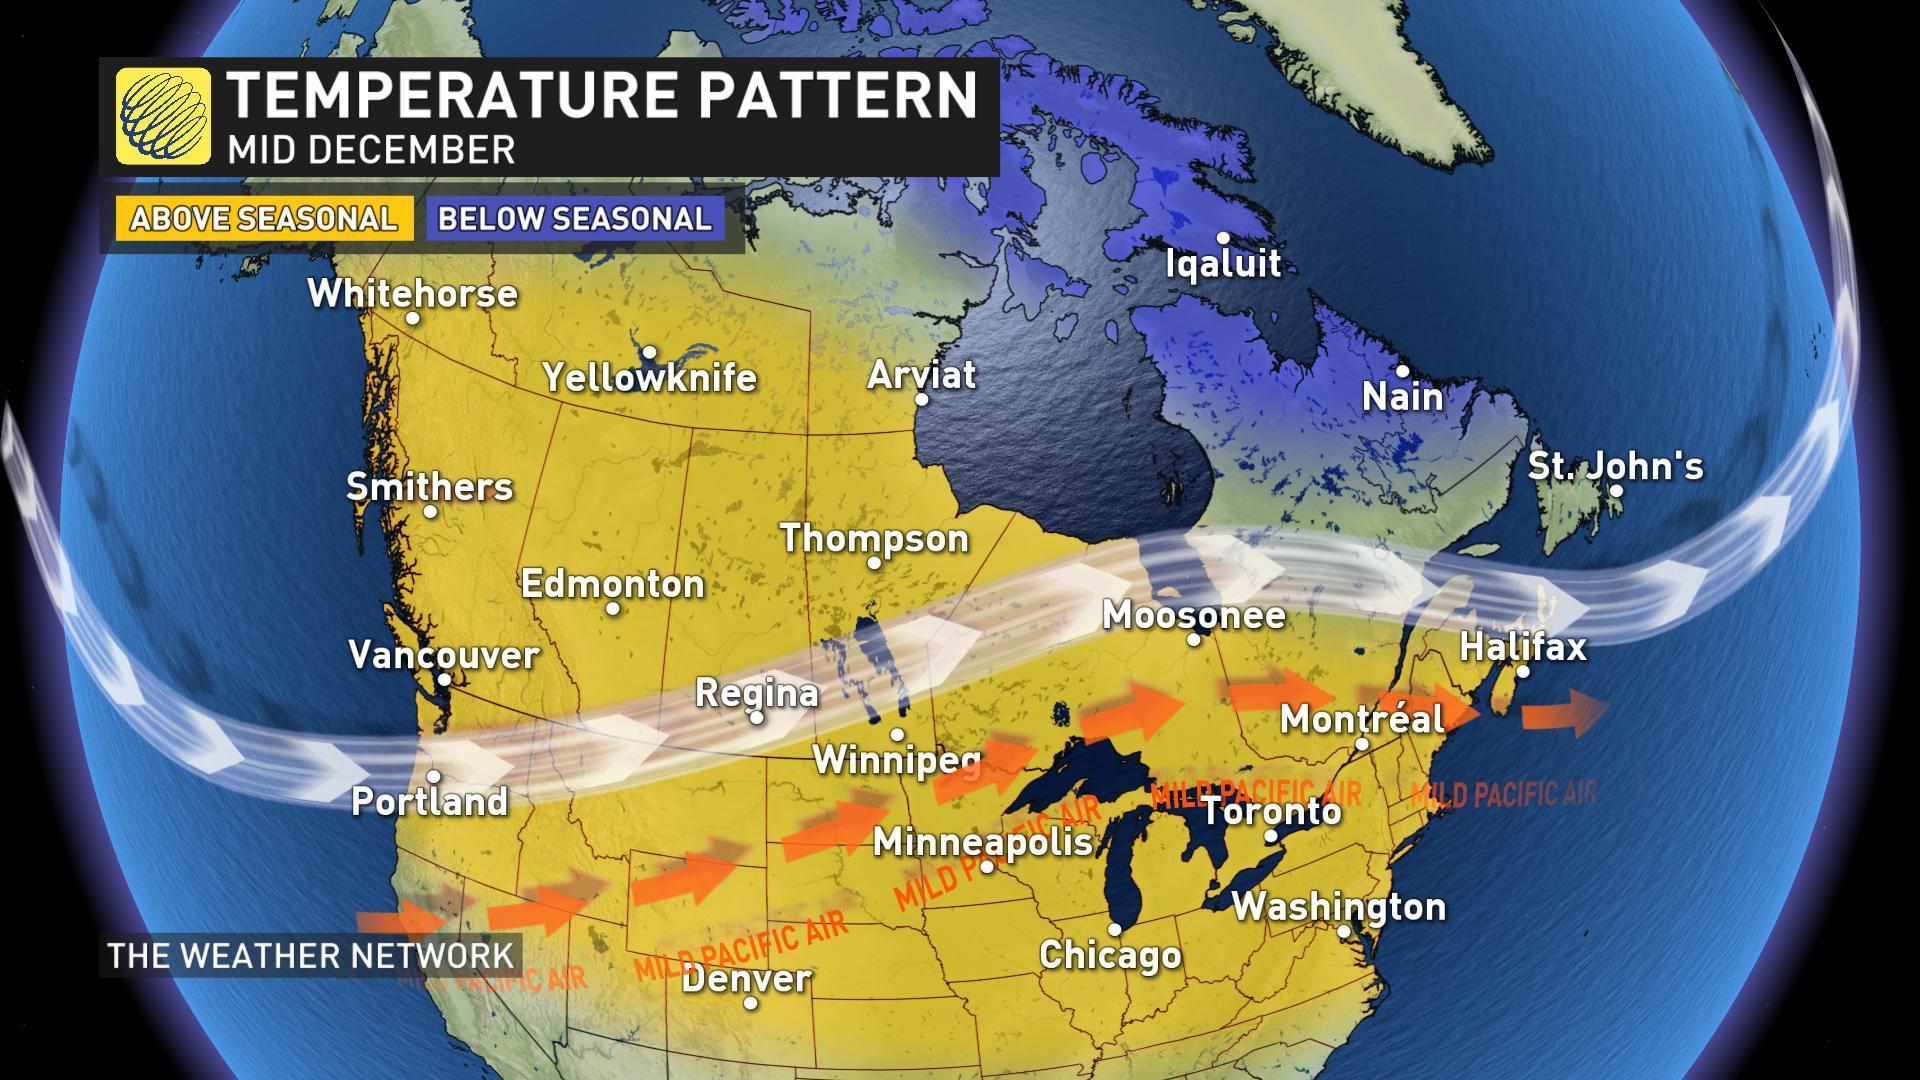 【12月12至18日多倫多天氣】回暖前之冰雨威脅 - Toronto What's UP